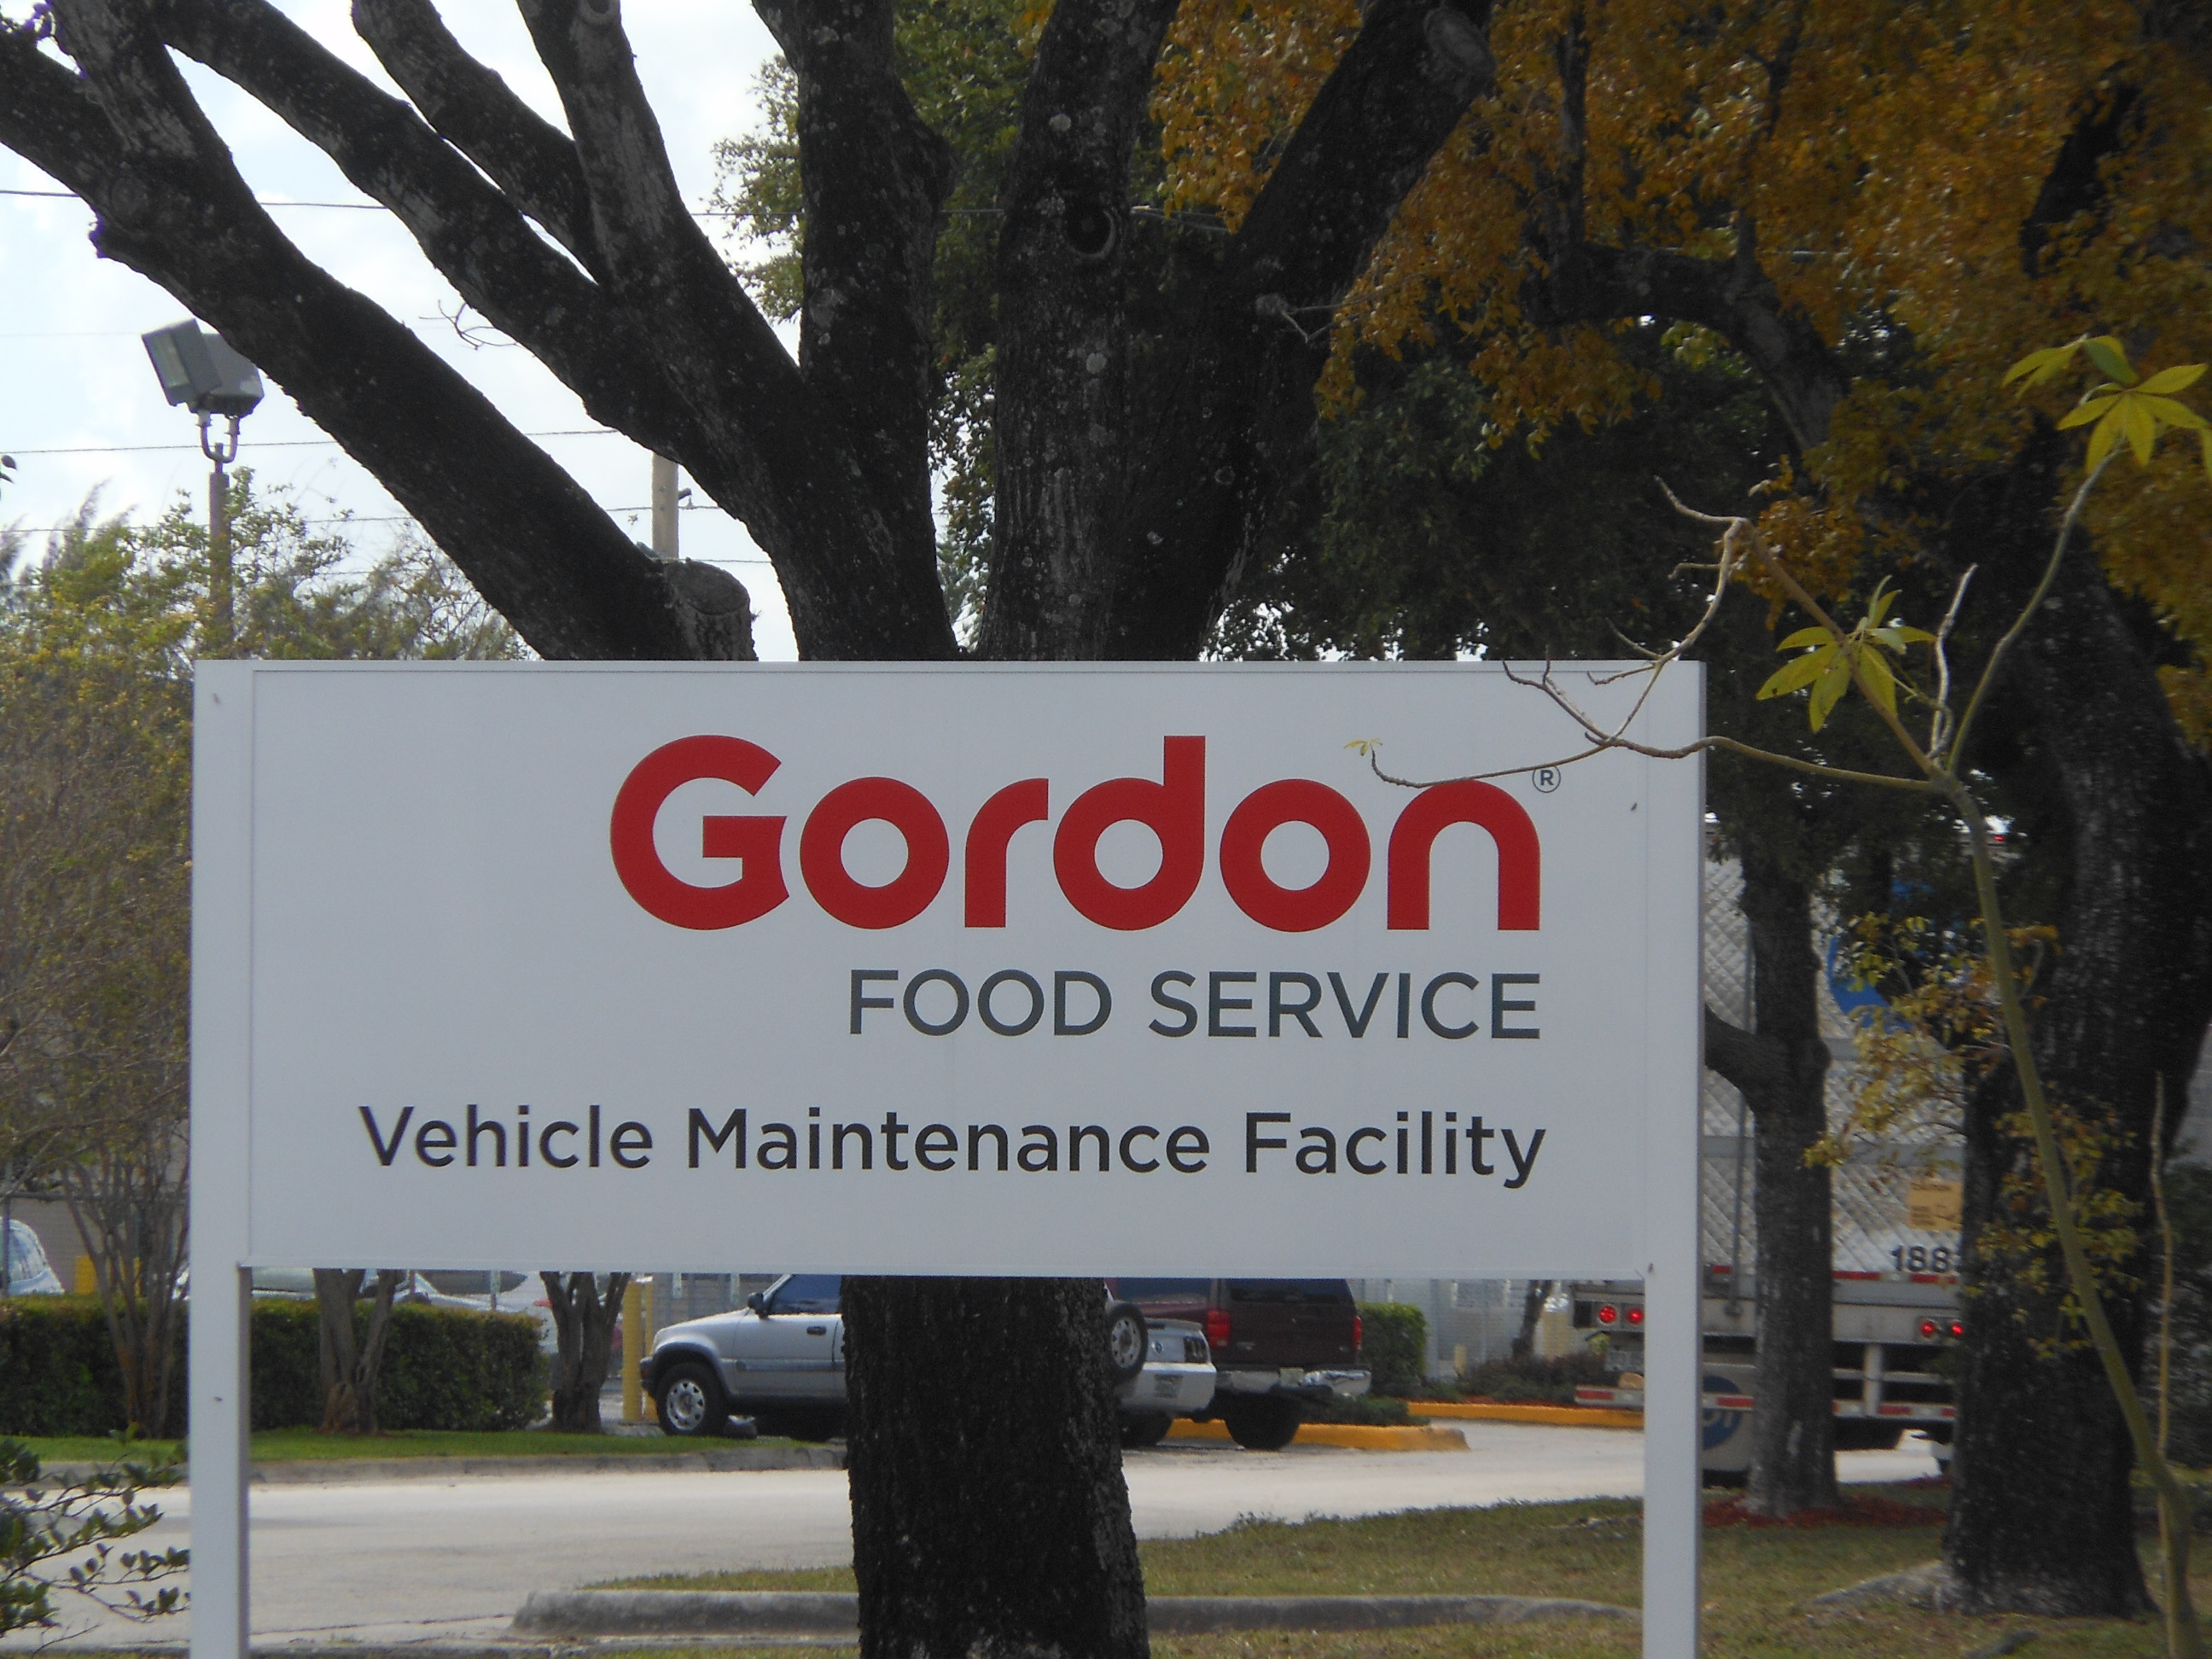 Gordon Food